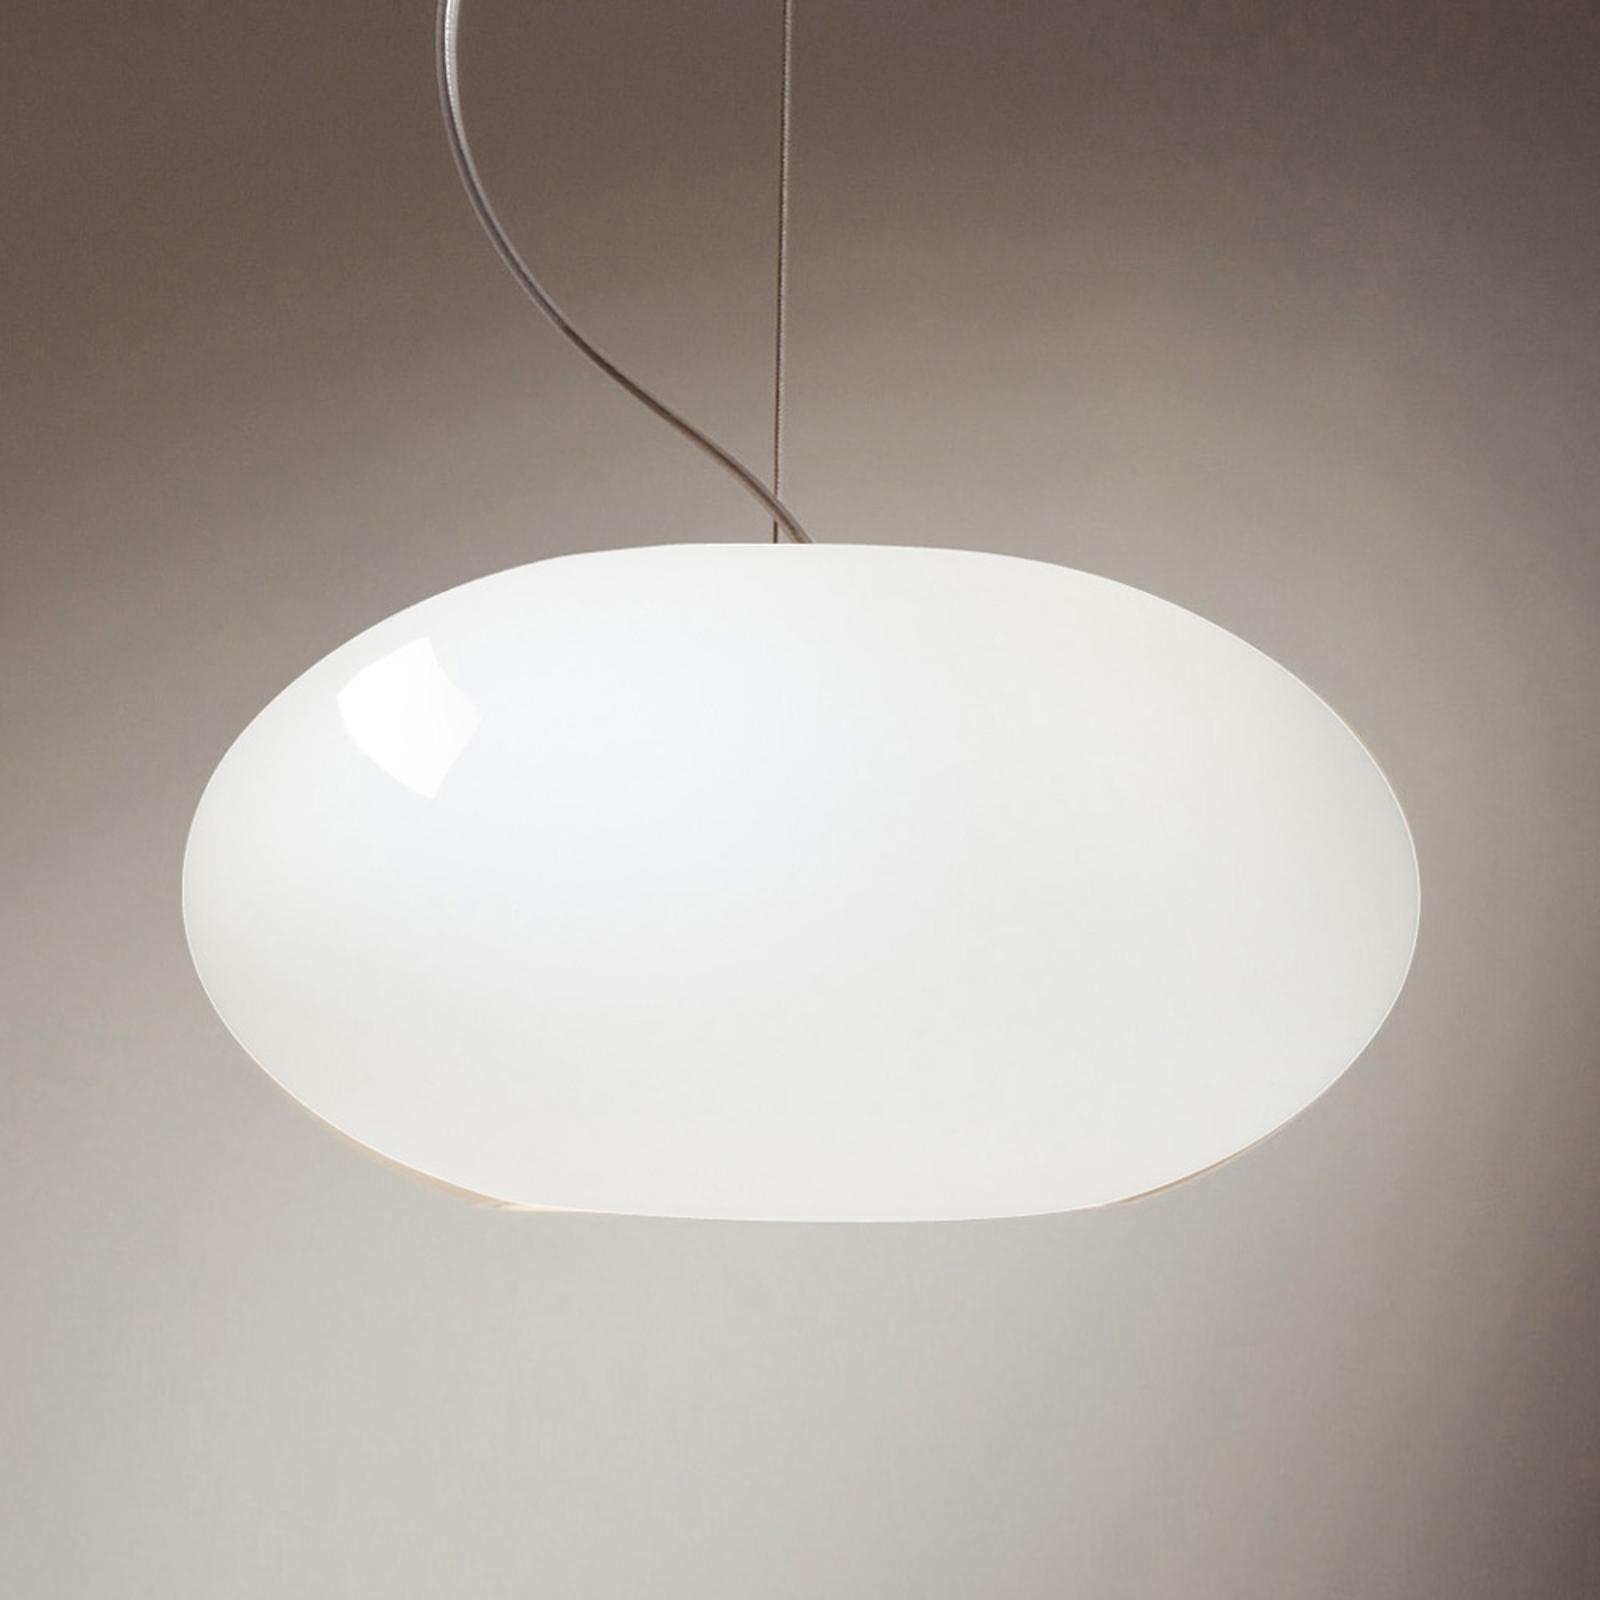 AIH - lampada a sospensione 28 cm bianco lucido